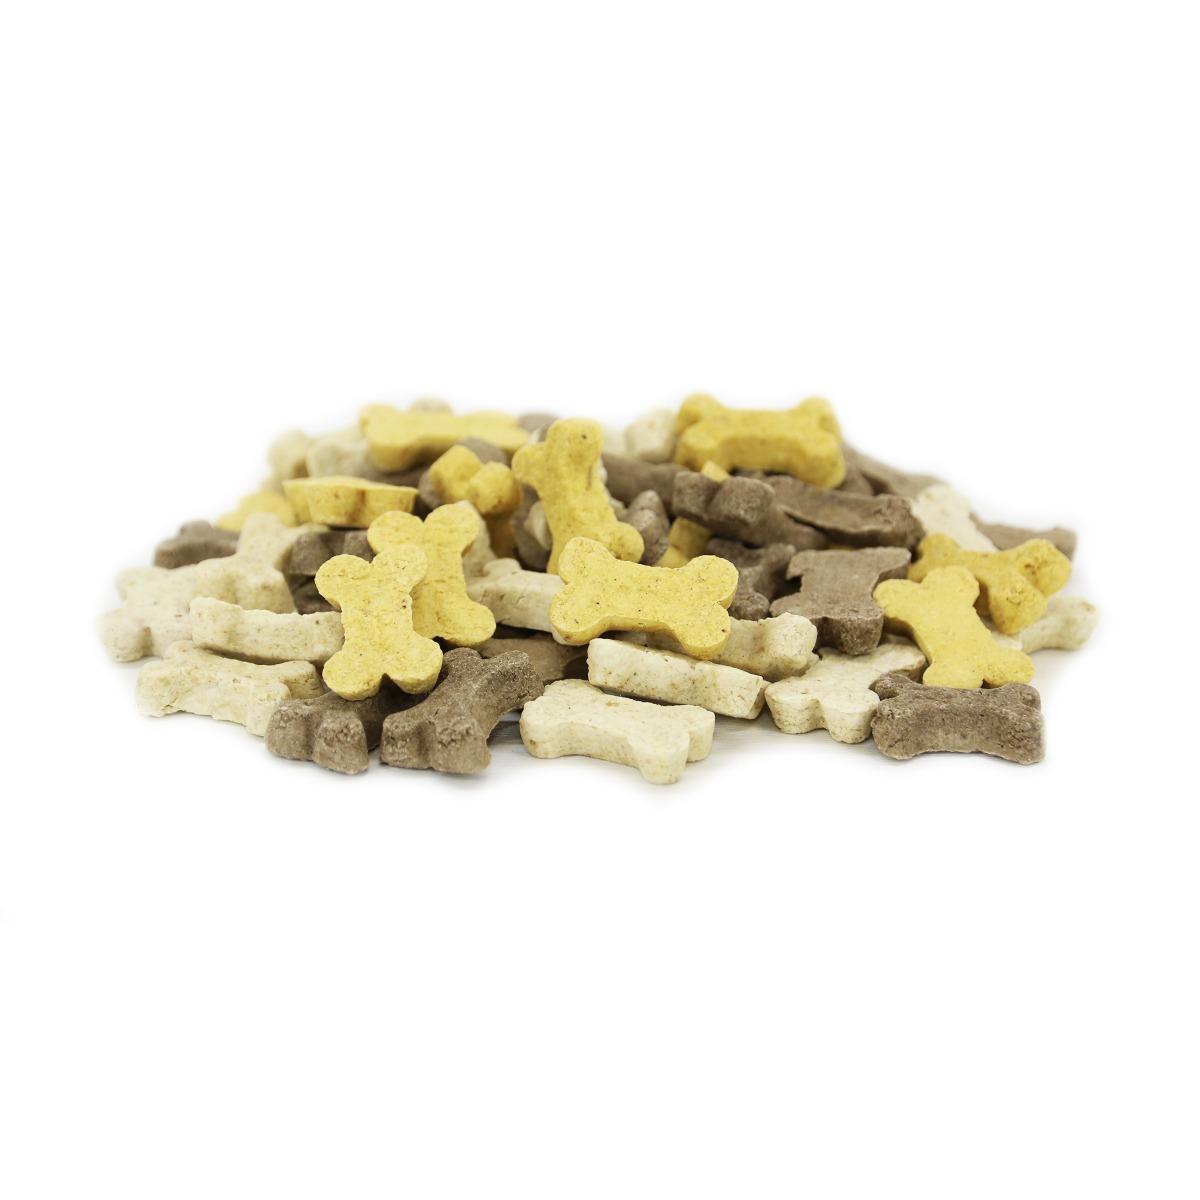 Inimini Puppymix. Hondenkoekjes zijn een heerlijke en gezonde tractatie als beloning tijdens de training of gewoon als tussendoortje. Diergigant-shop heeft een leuk assortiment hondenkoekjes voor elk formaat hond en uiteraard verkopen we ook de hondenkoekjes voor gigantisch lage prijzen.